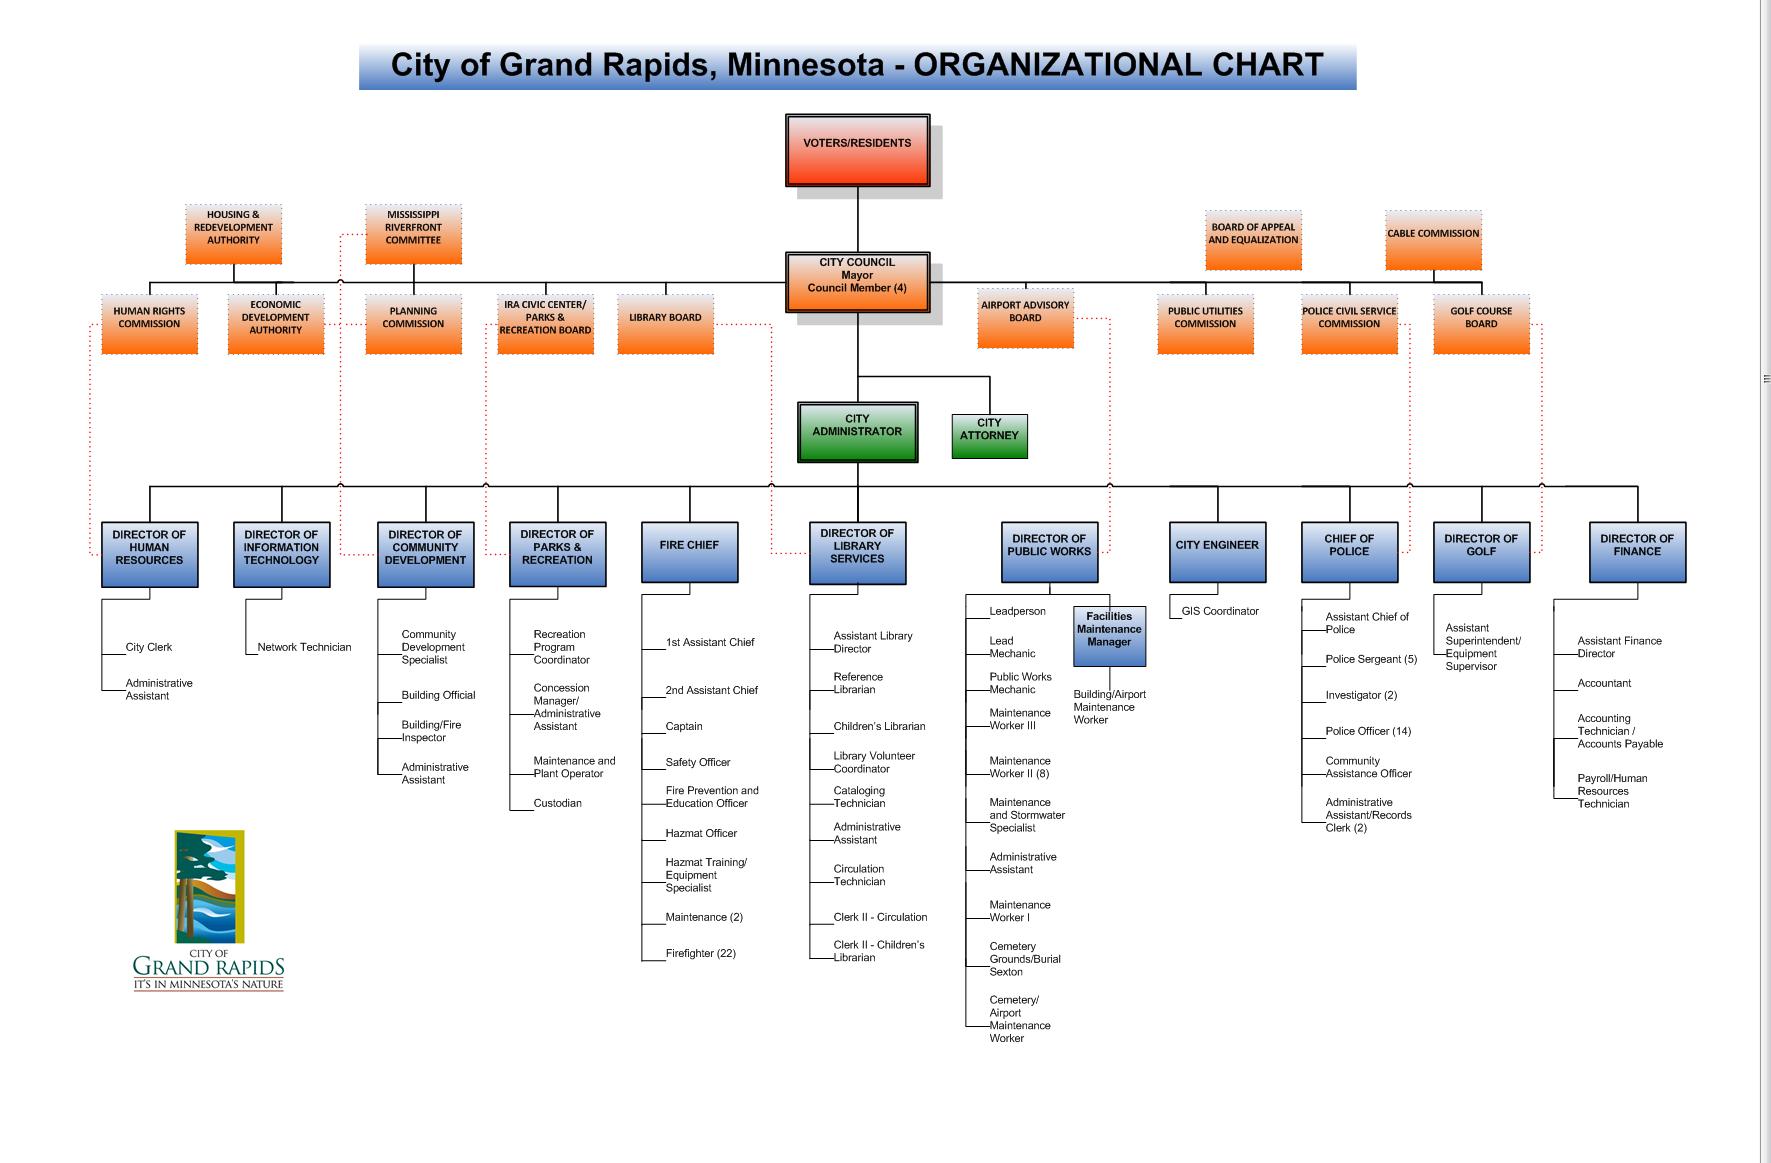 City Organizational Chart For Grand Rapids Mn School Calendar 2021 20